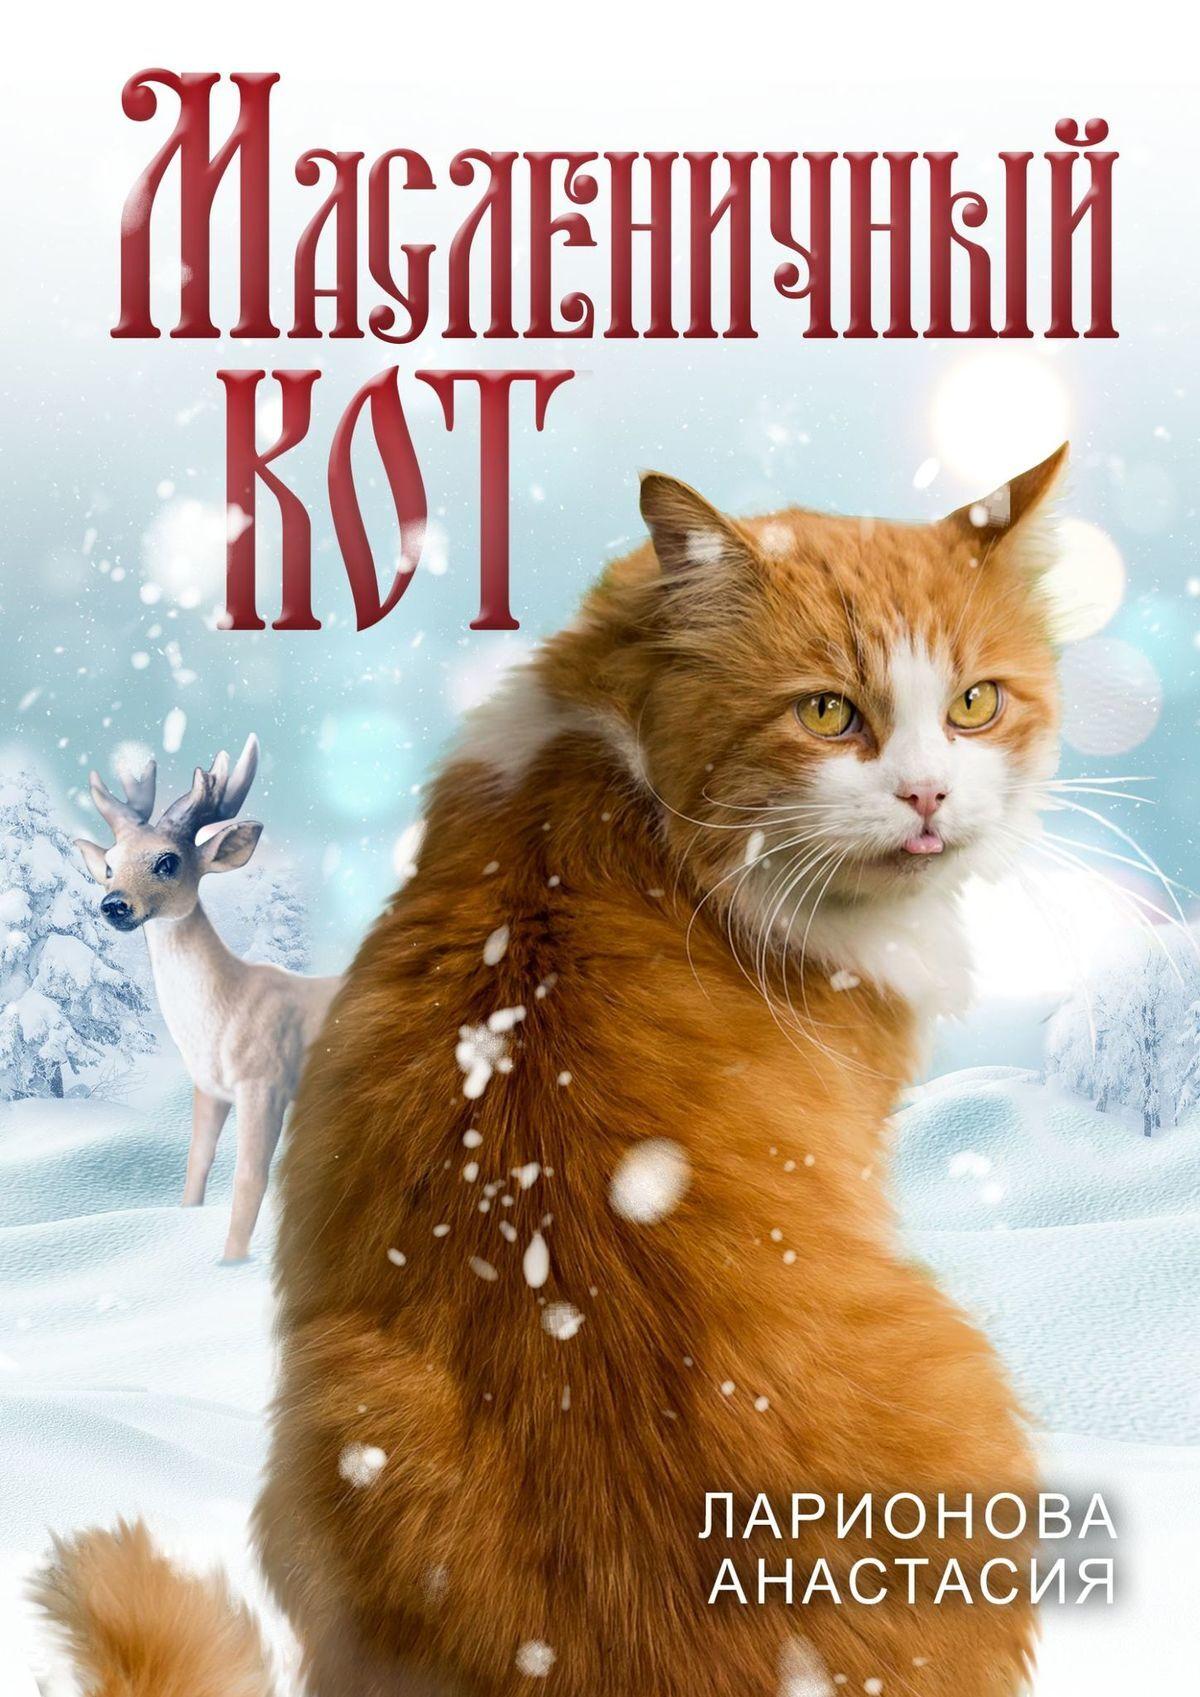 все цены на Анастасия Ларионова Сказки онлайн